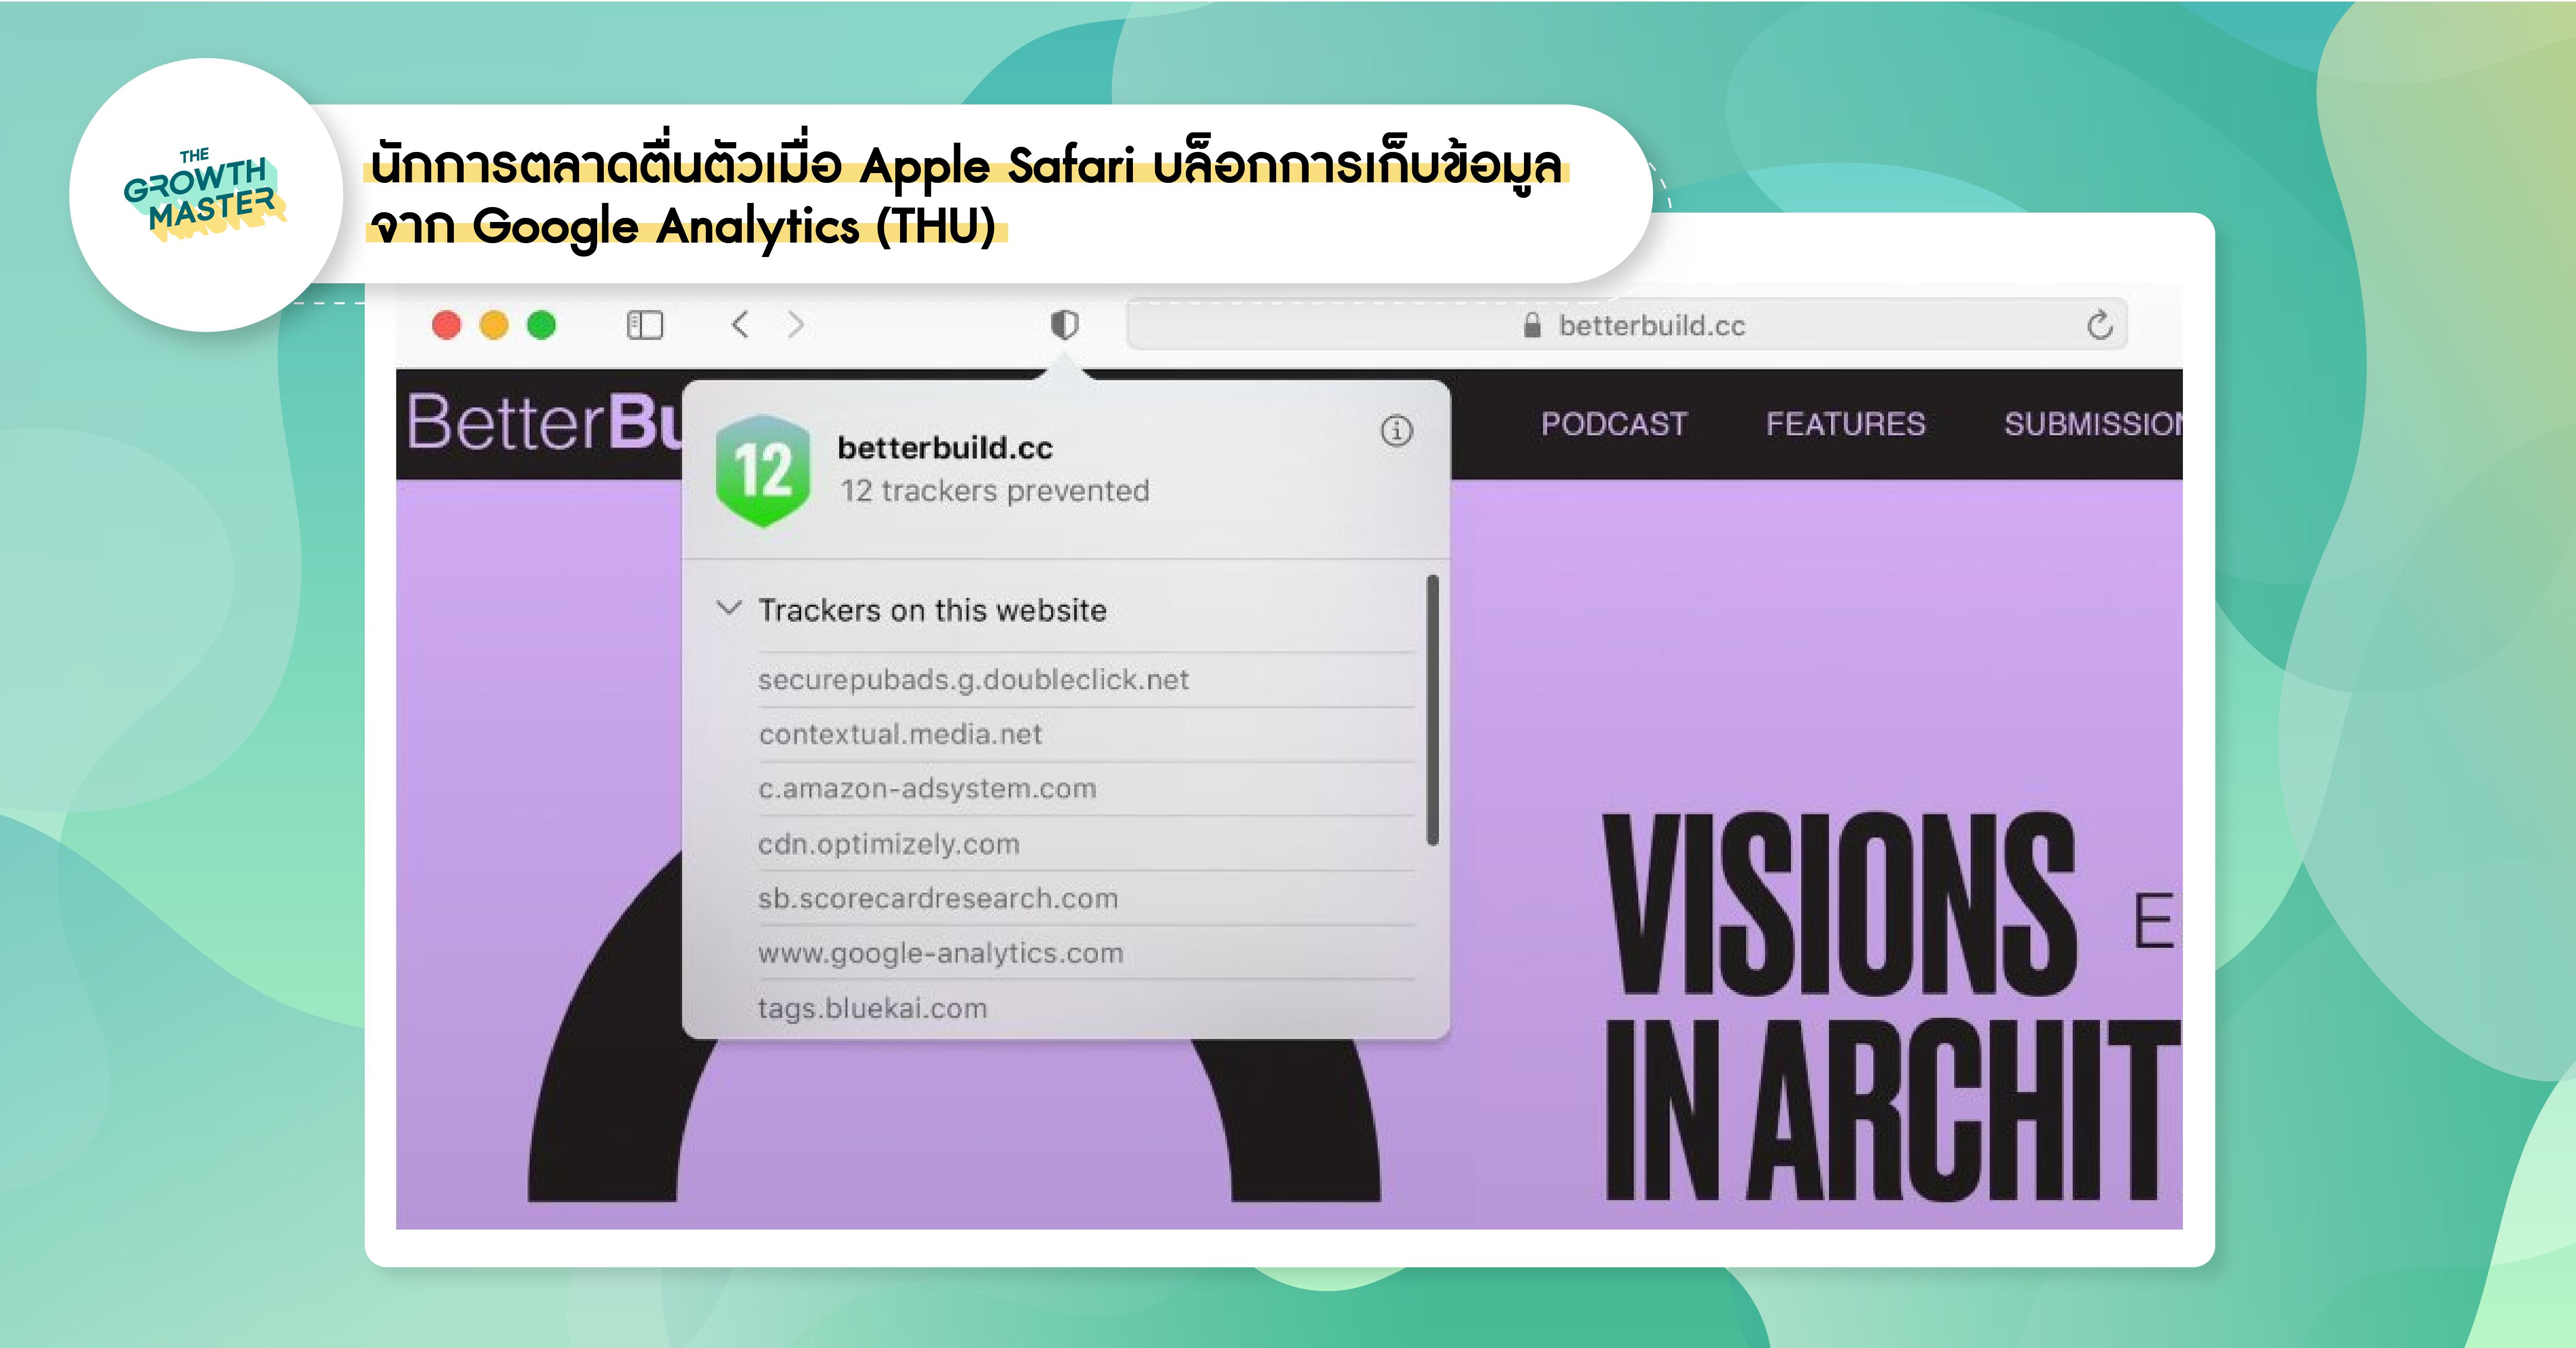 นักการตลาดตื่นตัวเมื่อ Safari (Apple) บล็อกการเก็บข้อมูลจาก Google Analytics